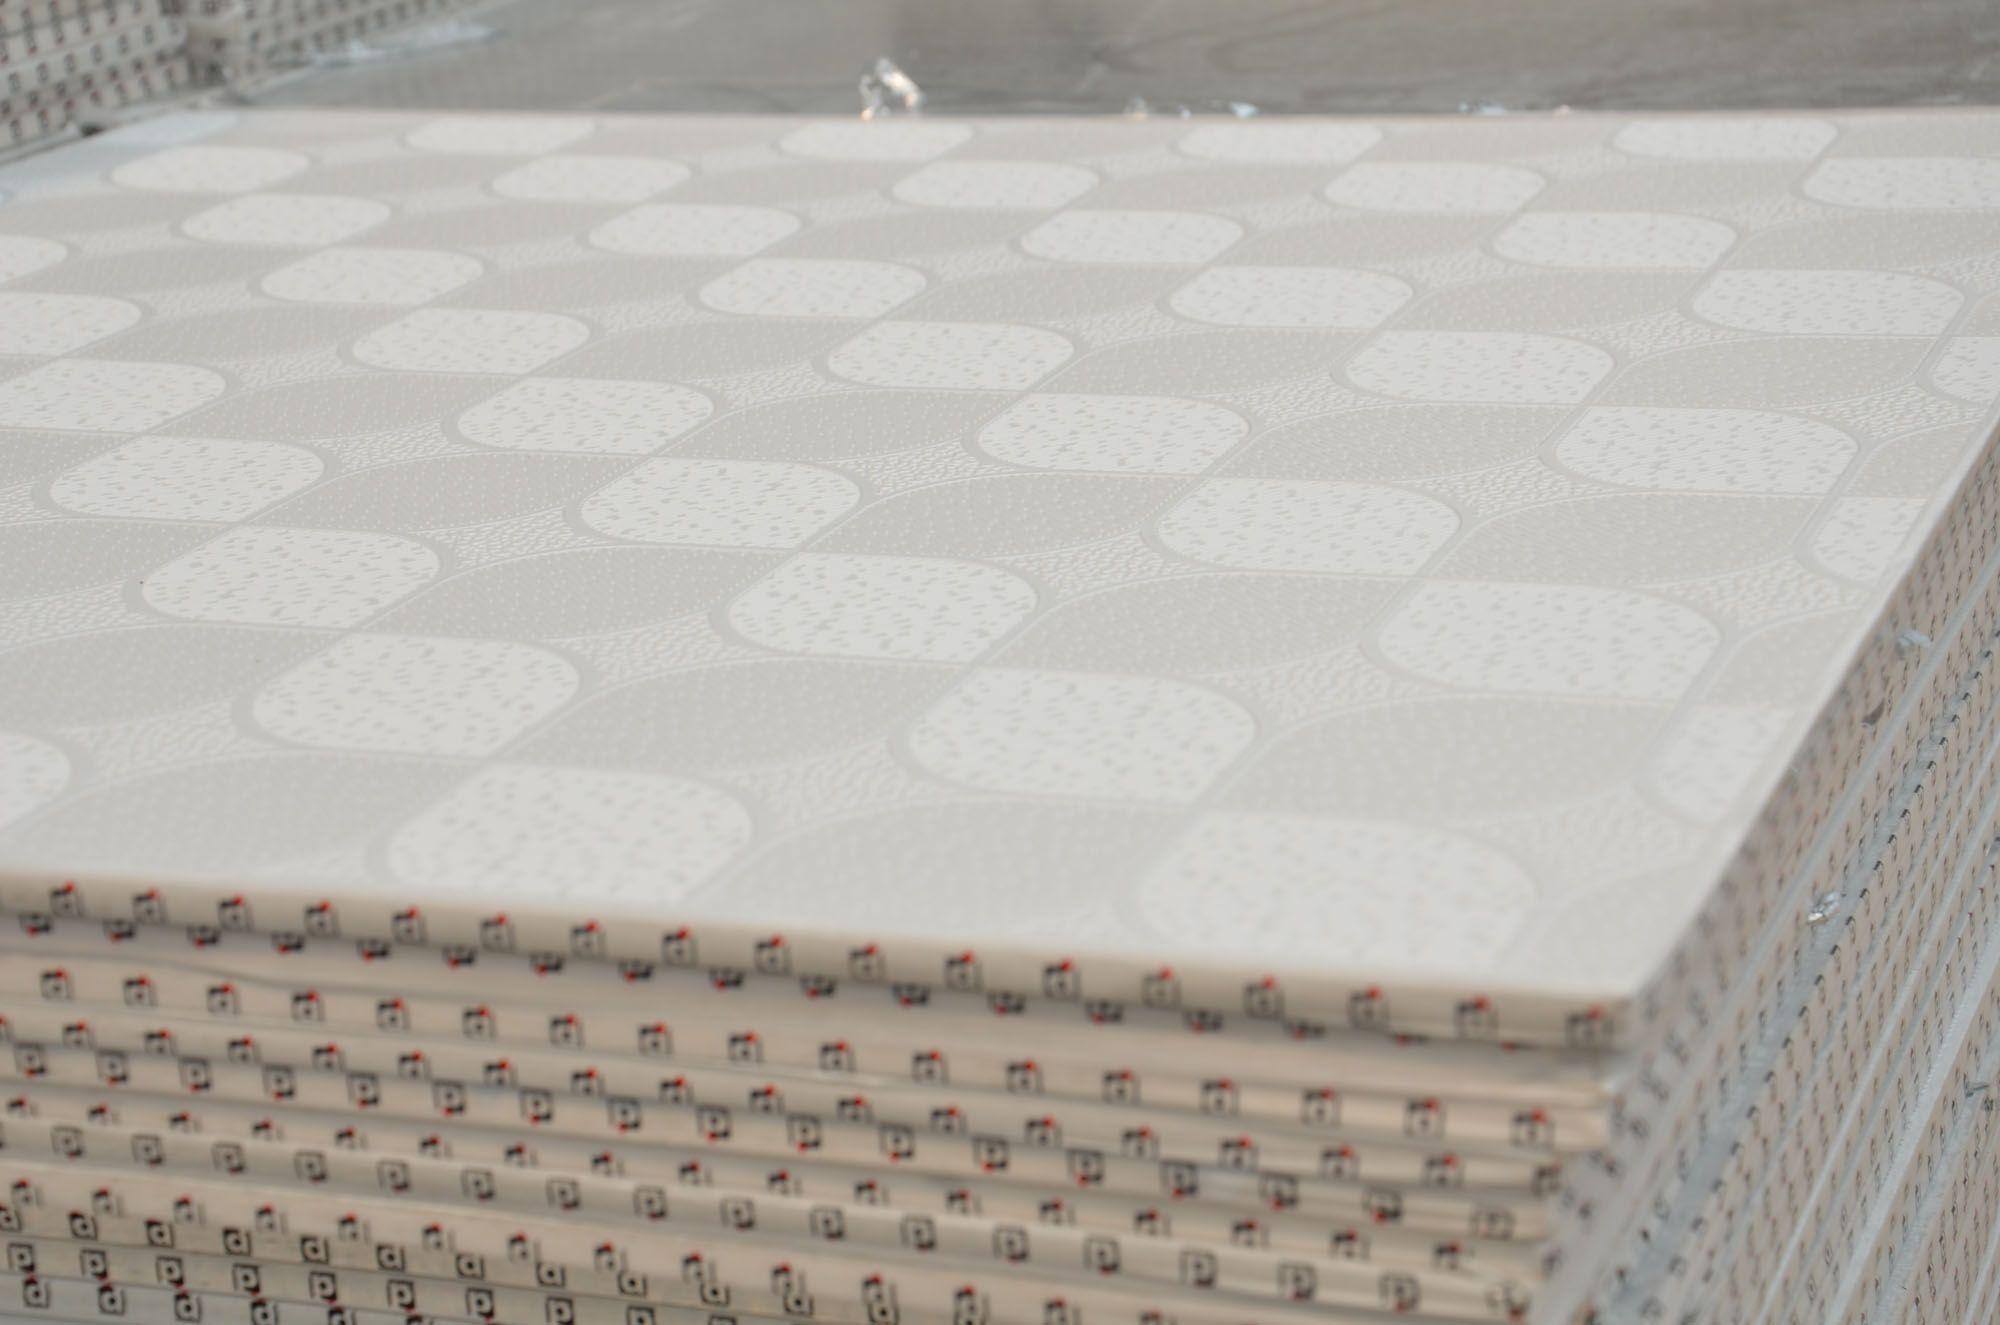 Pvc gypsum ceiling tiles ceiling design ideas pinterest ceiling pvc gypsum ceiling tiles dailygadgetfo Images